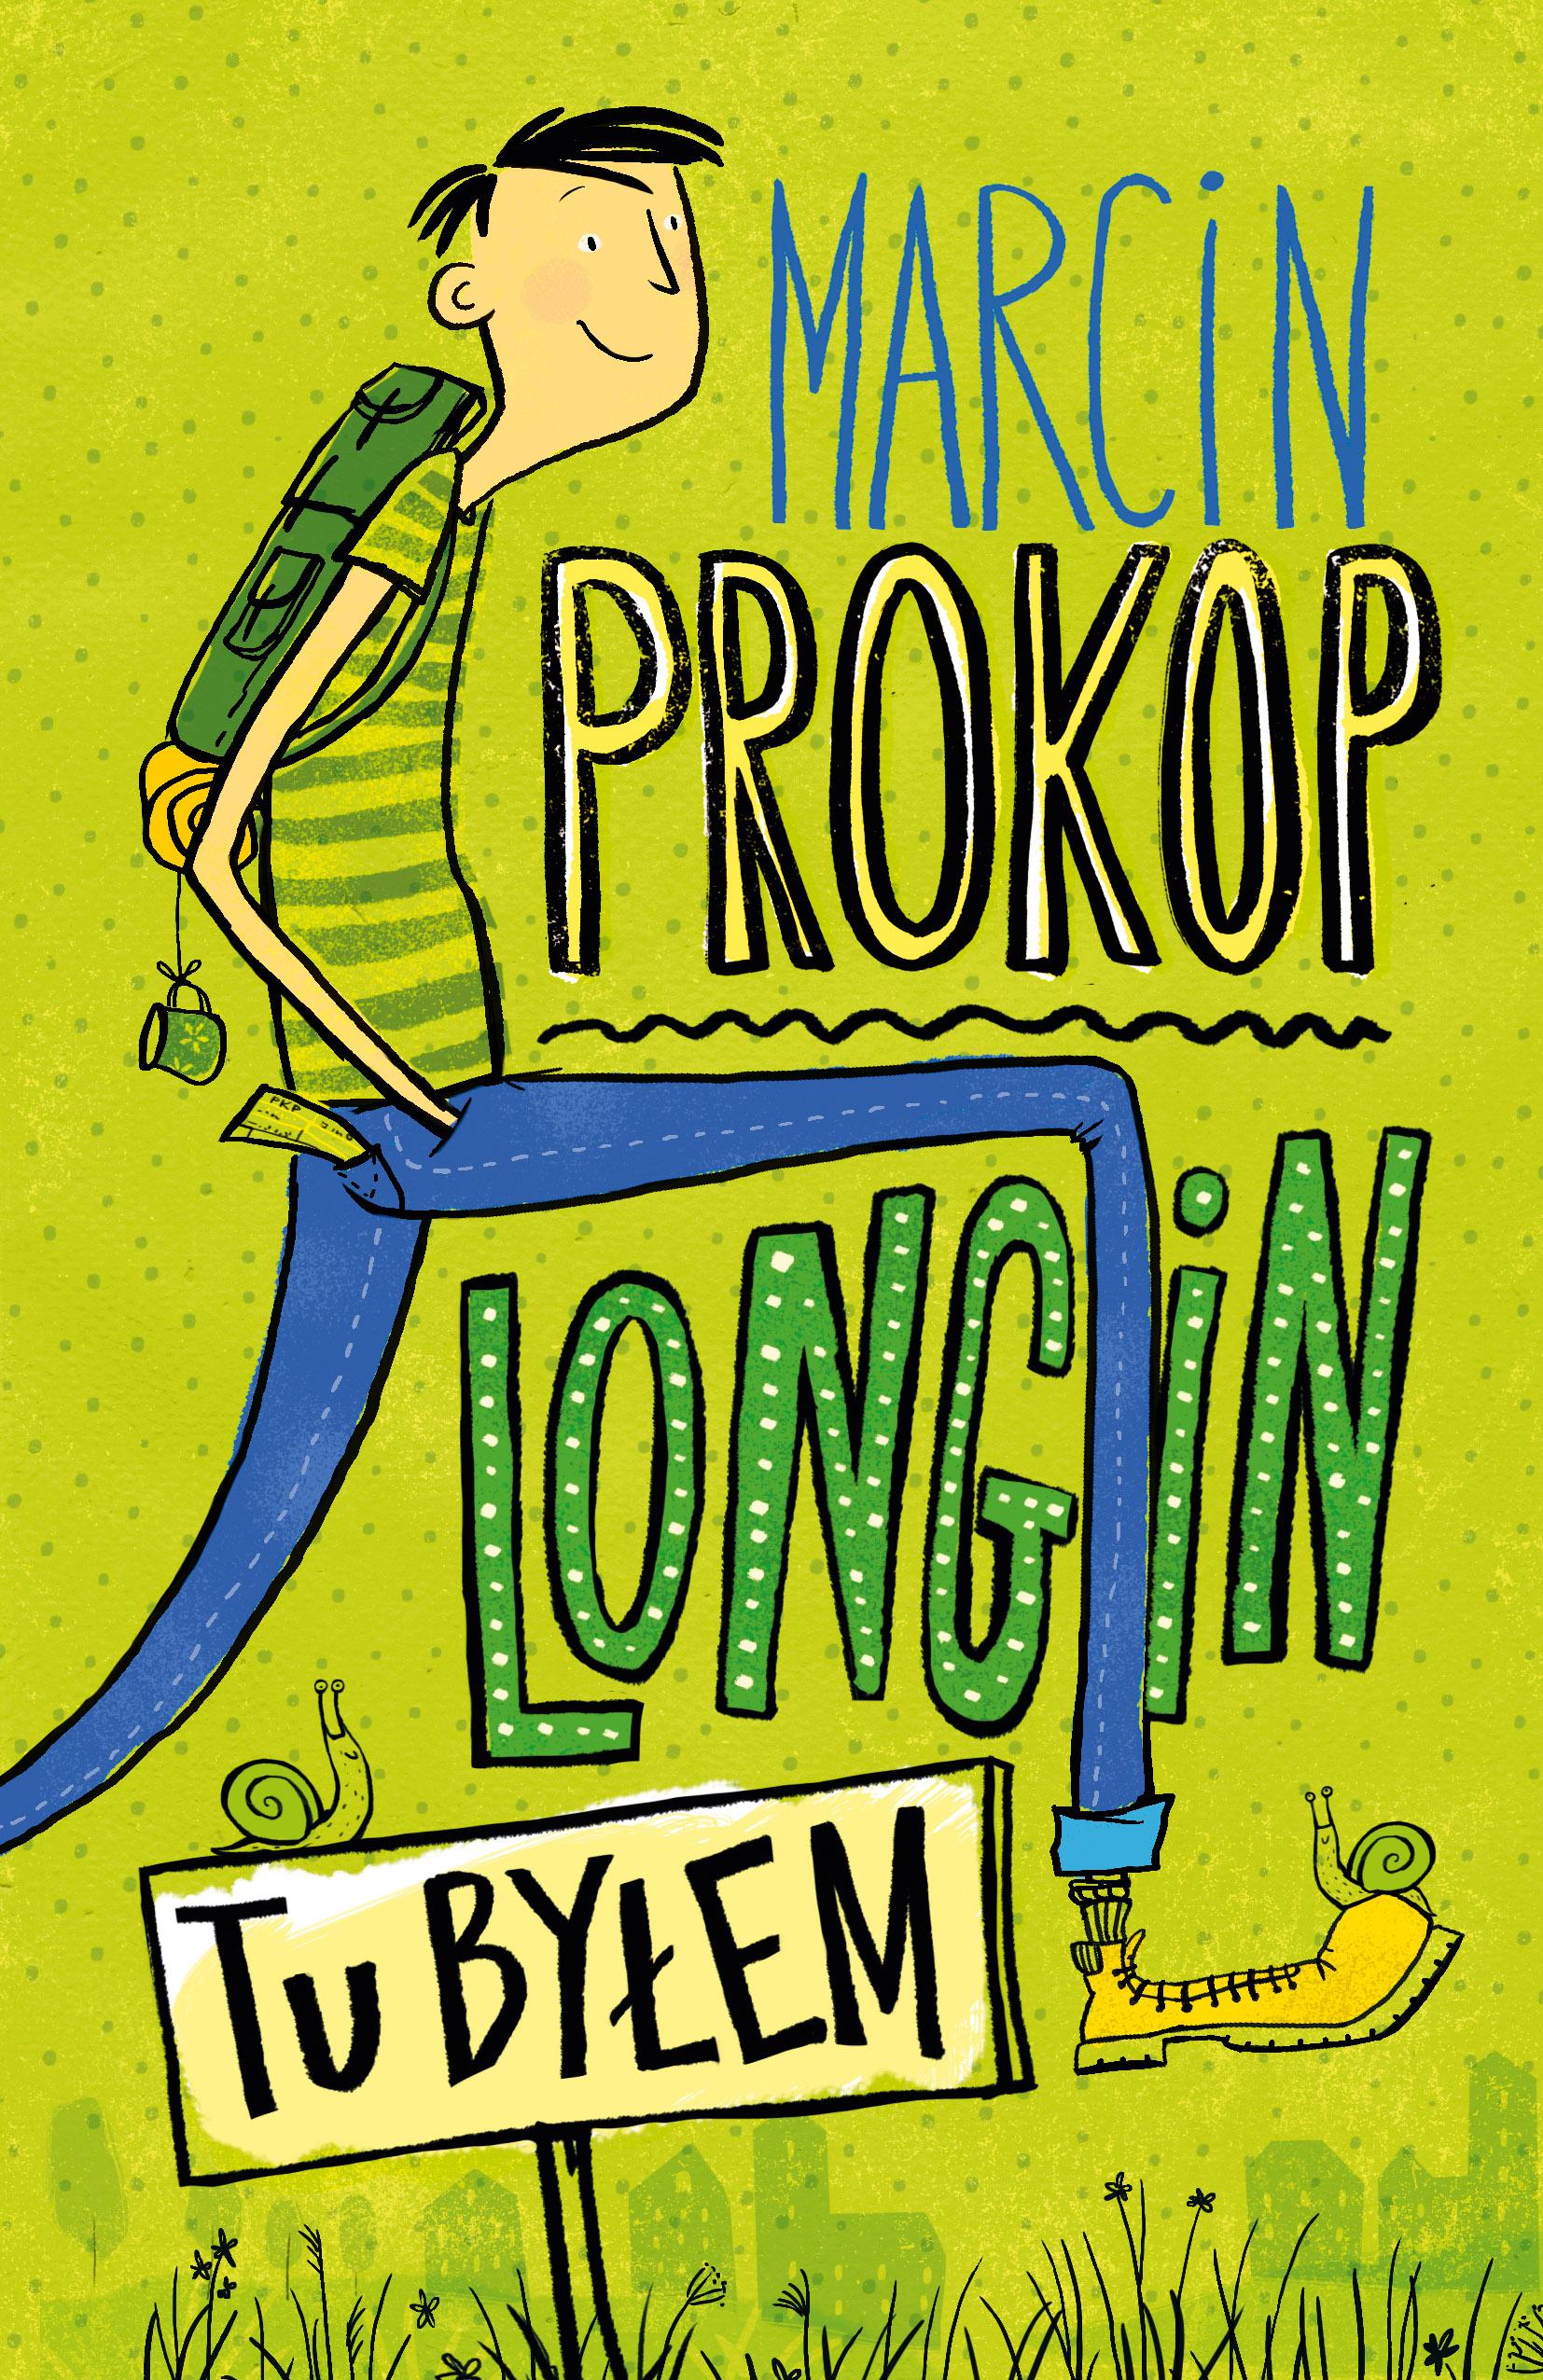 Longin2 Tu bylem Marcin Prokop